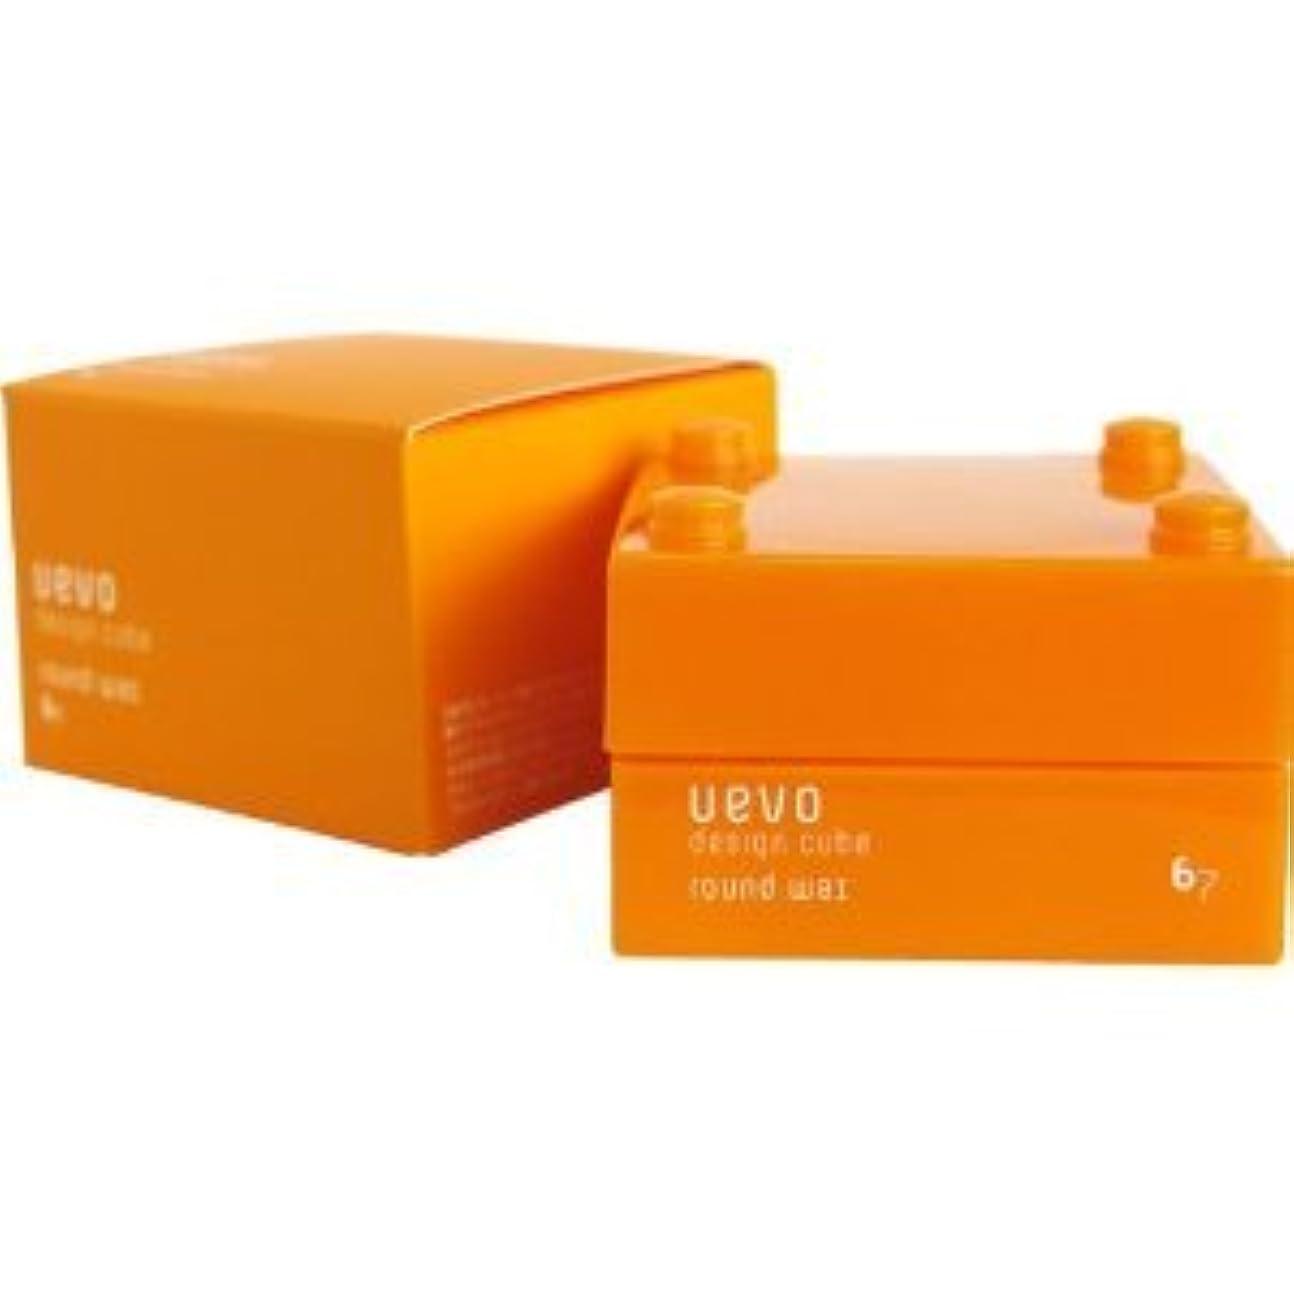 メキシコジャンクション租界デミ ウェーボ デザインキューブ ラウンドワックス 30g round wax DEMI uevo design cube